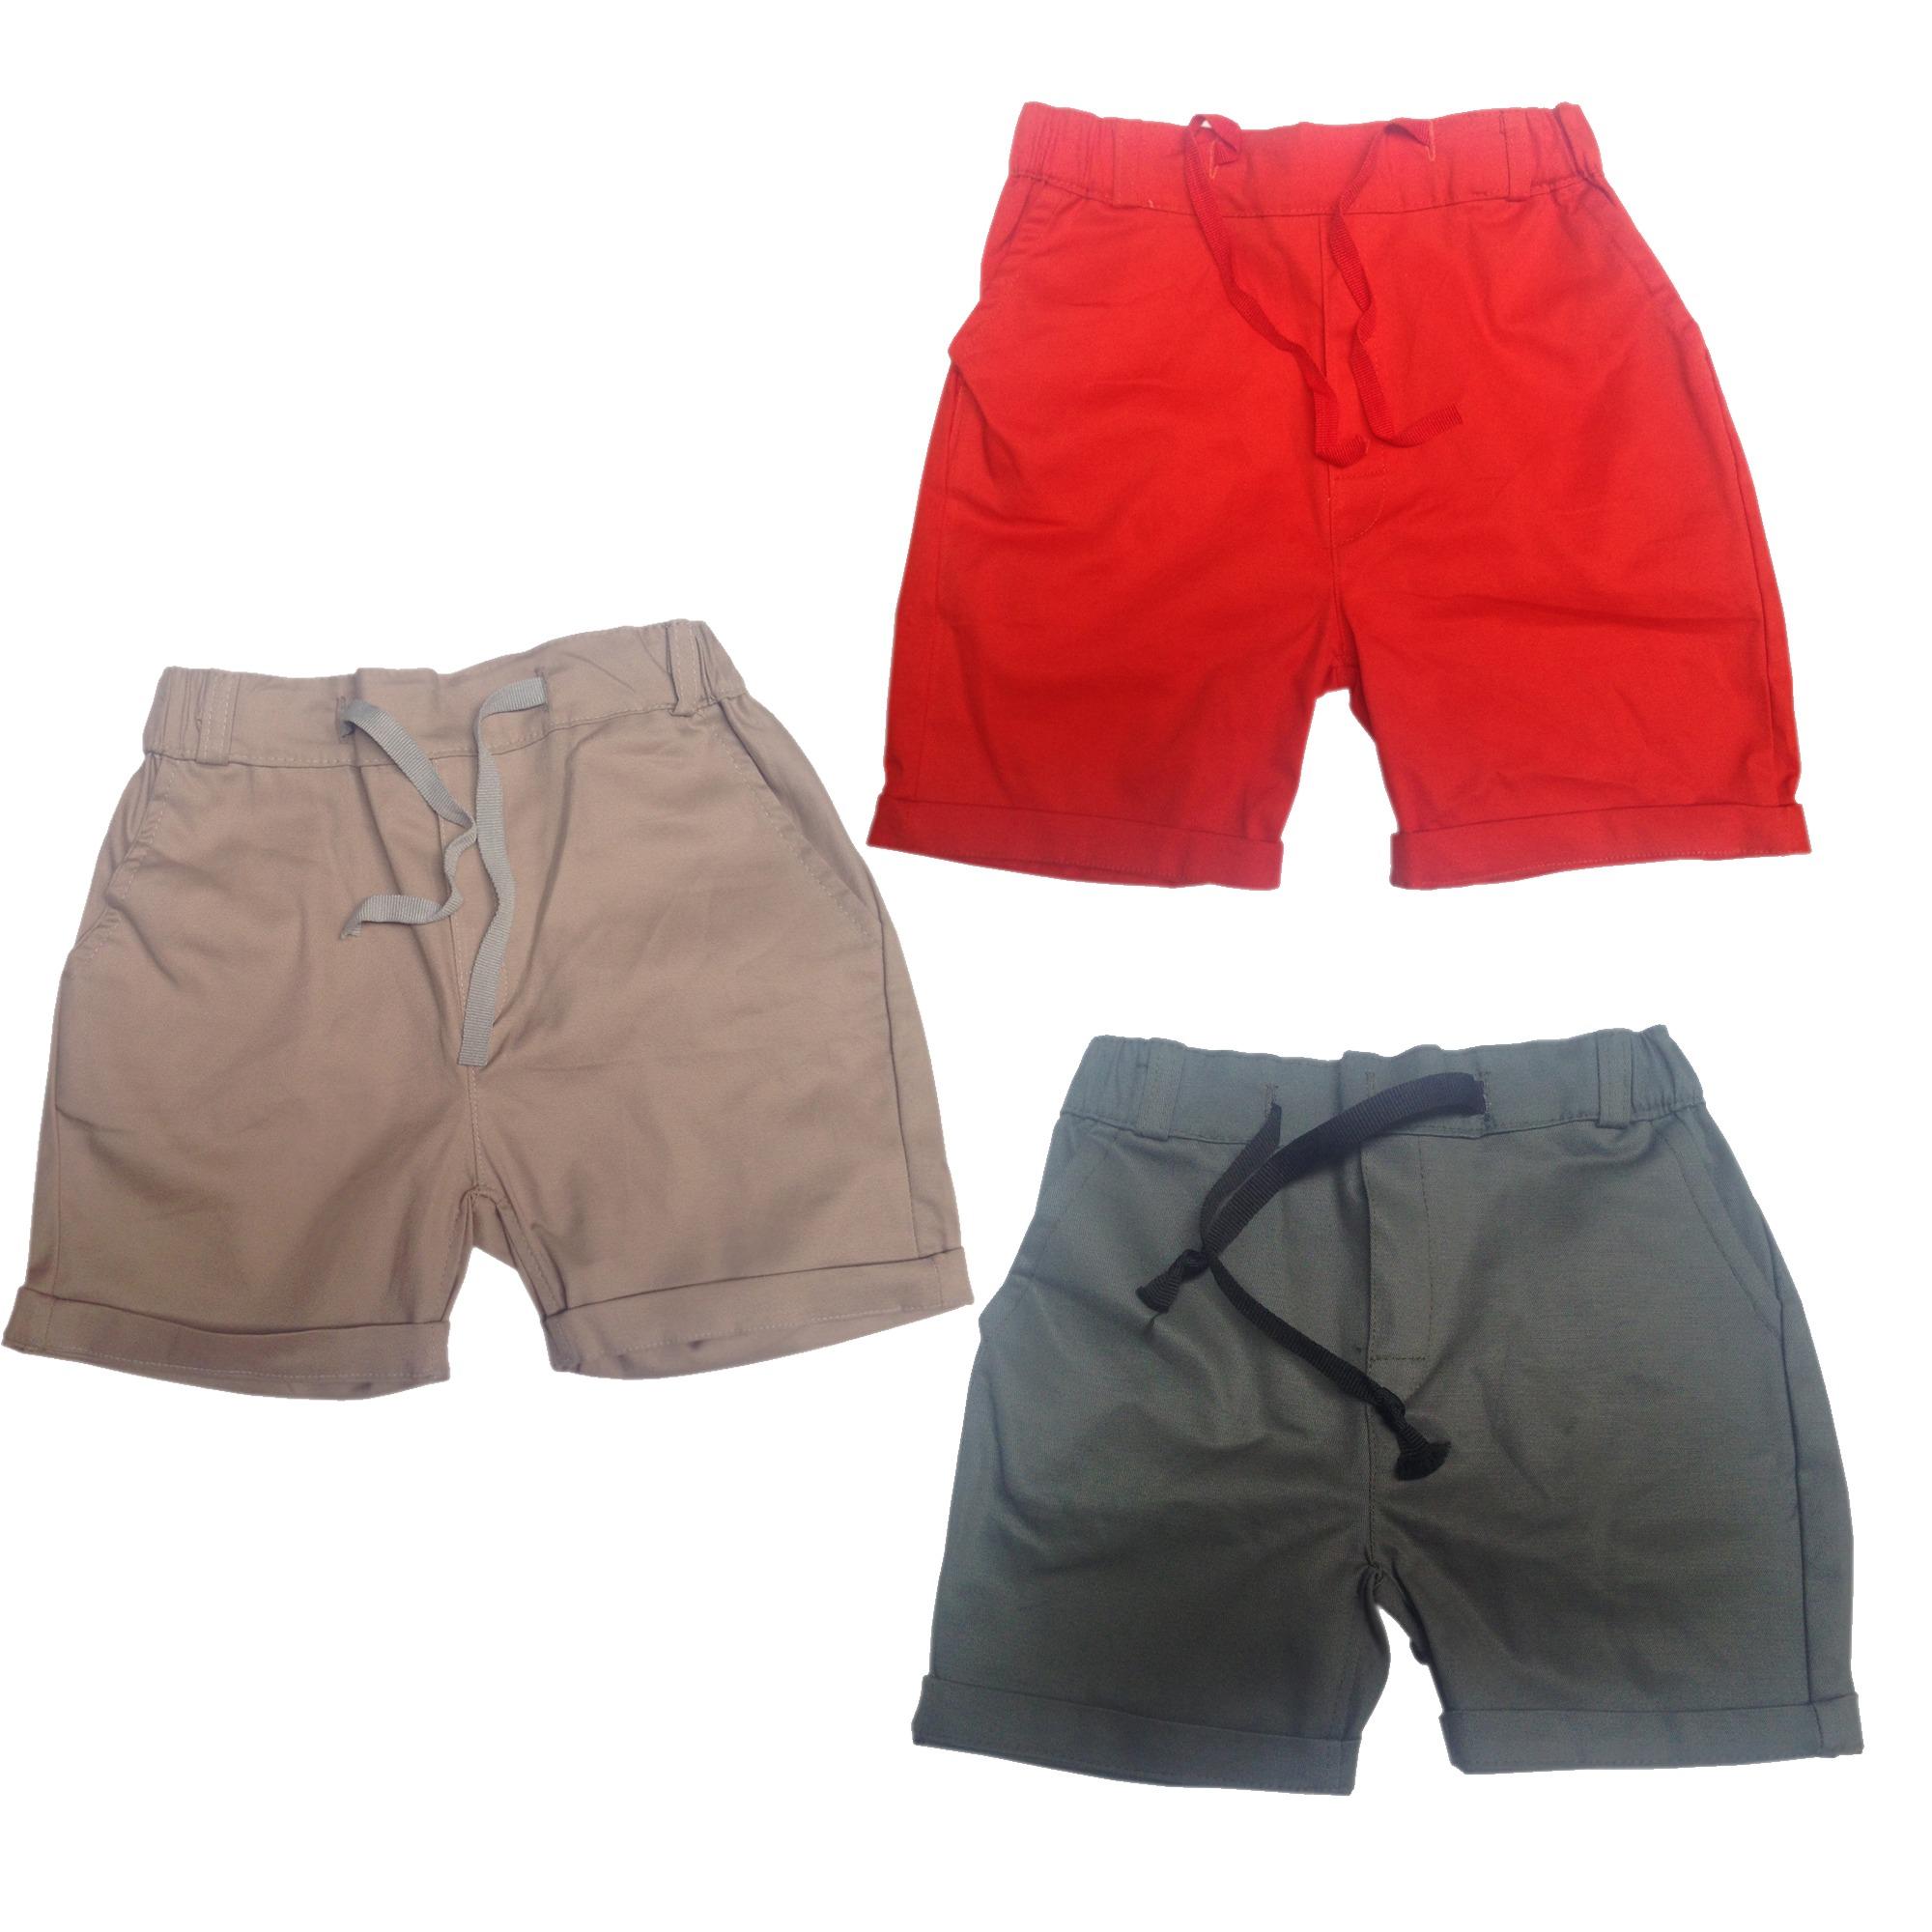 Bộ 3 Quần sóc body cho bé trai Made in VietNam - màu Bộ đội, Cam, Khaky